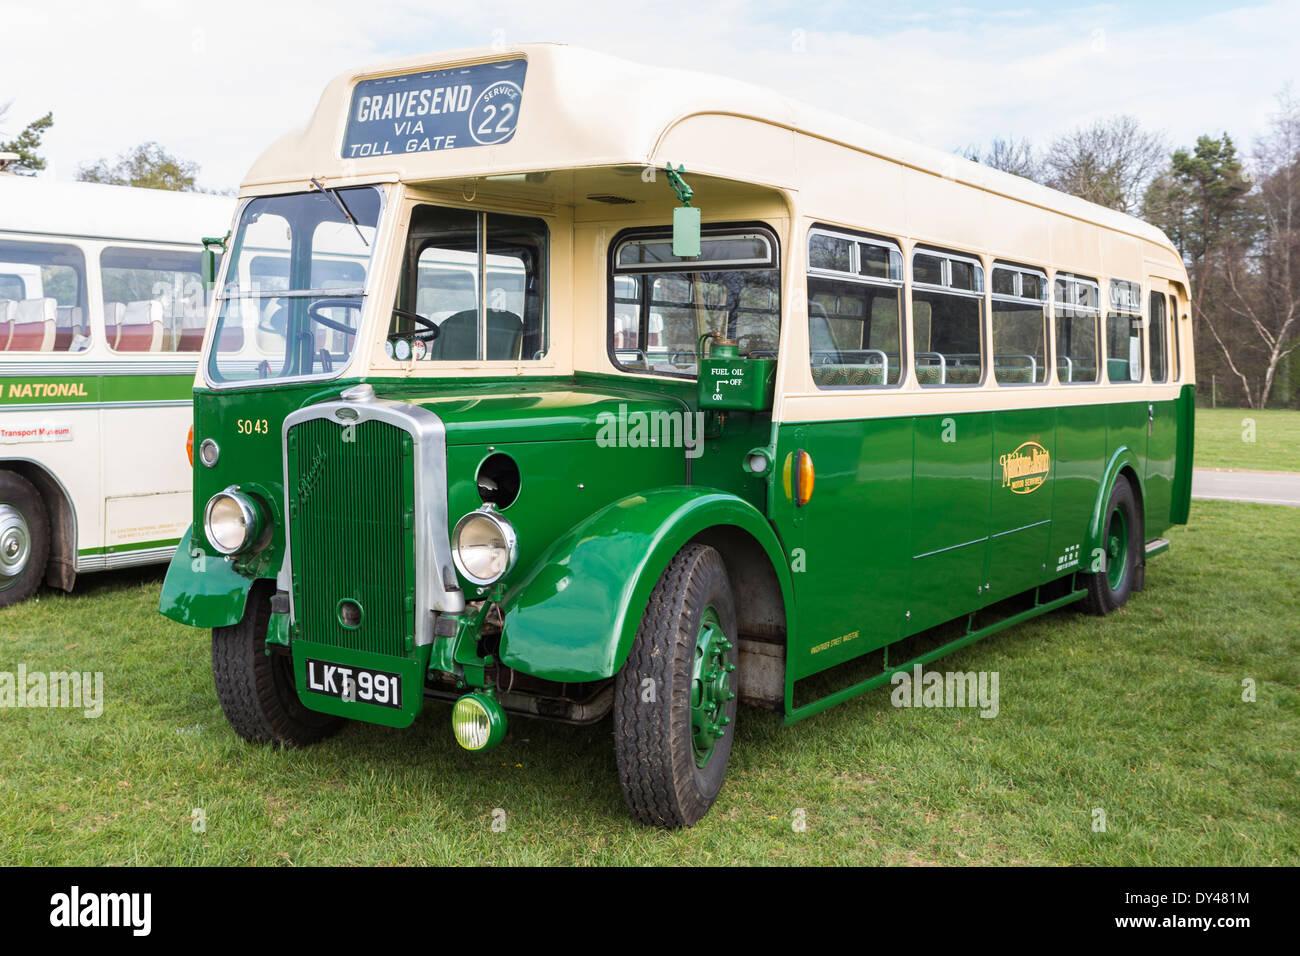 Vintage de autobús en la visualización de vehículos del patrimonio Imagen De Stock